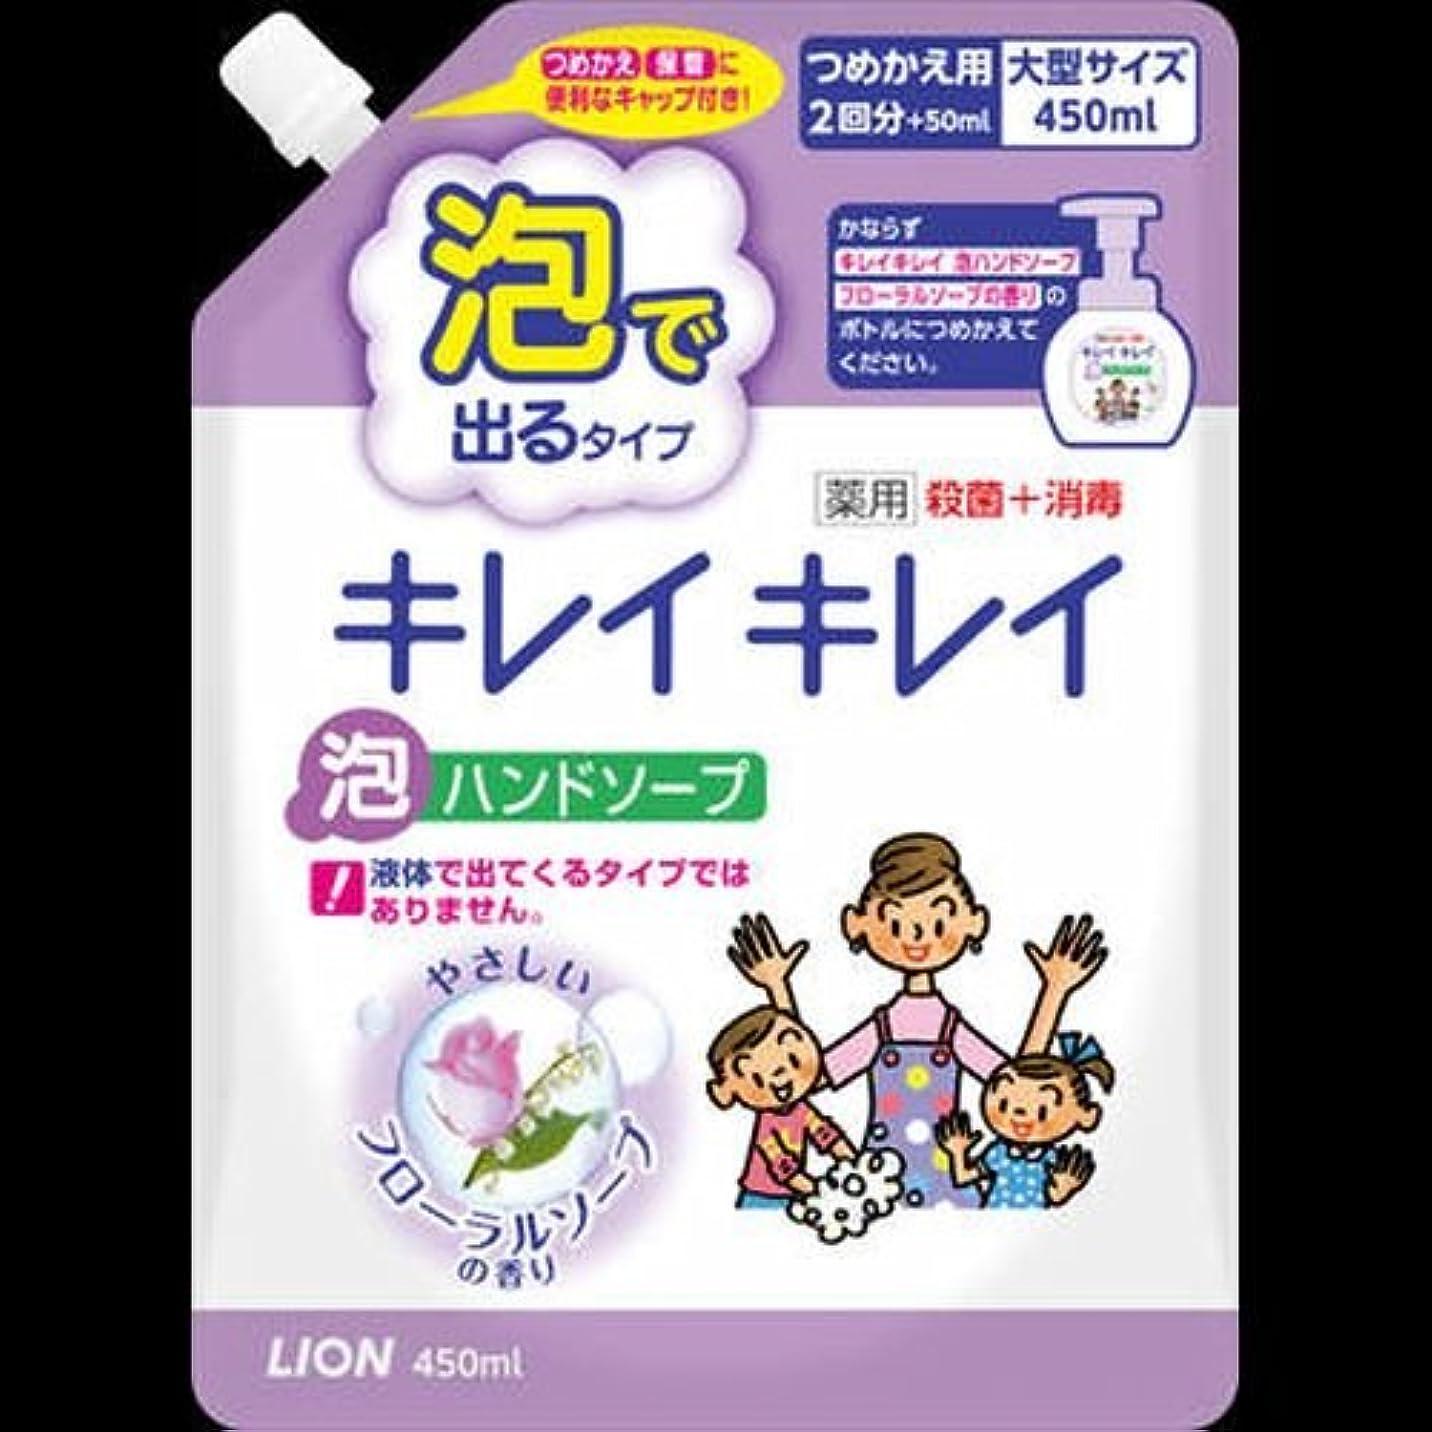 咳大脳傾向キレイキレイ 薬用泡ハンドソープ フローラルソープの香り つめかえ用大型サイズ 450mL ×2セット